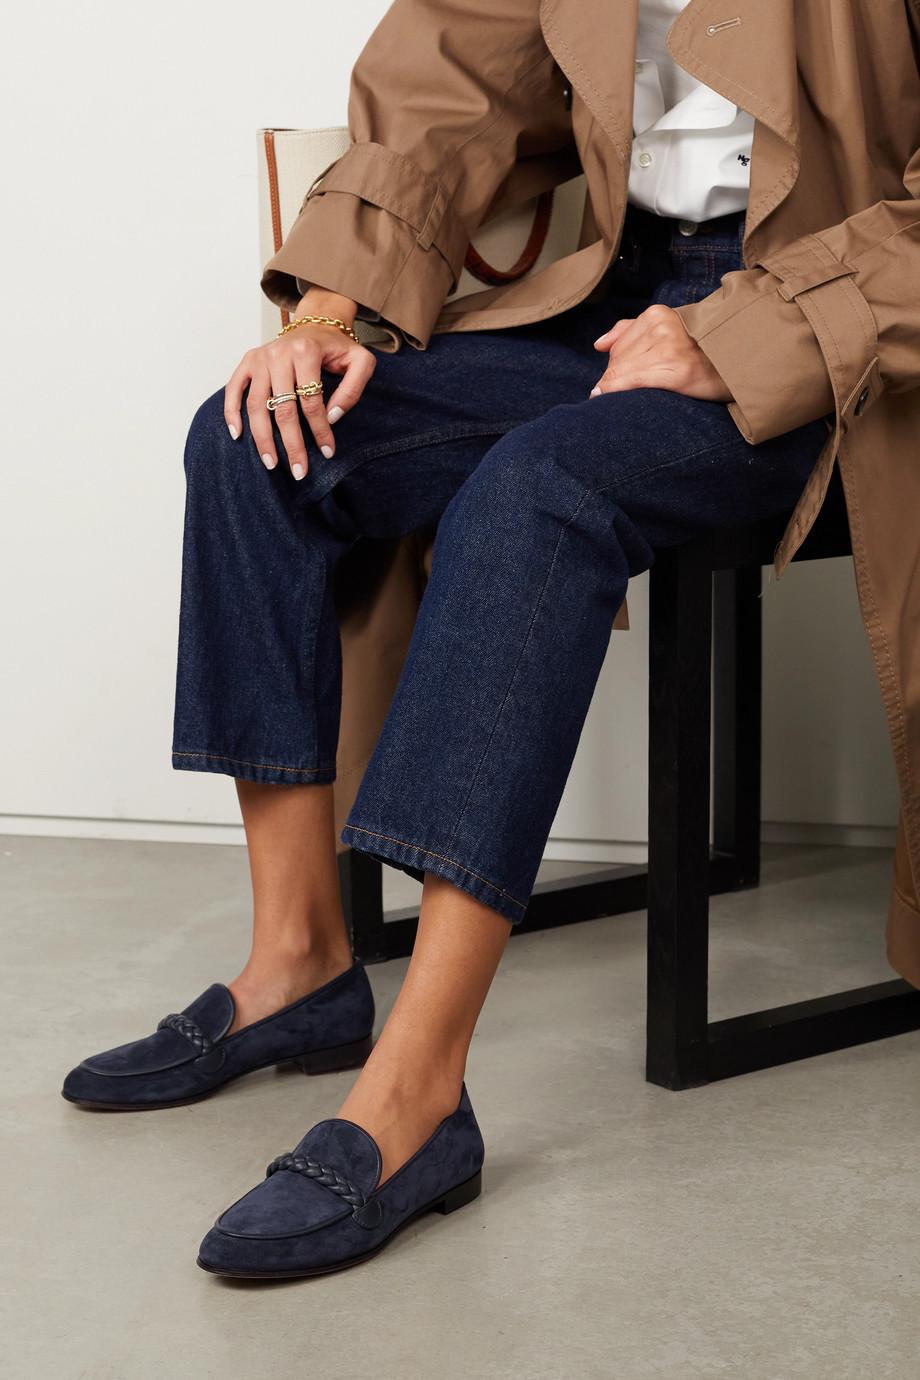 Gianvito Rossi Belem 15 Loafers aus Veloursleder mit Lederbesätzen